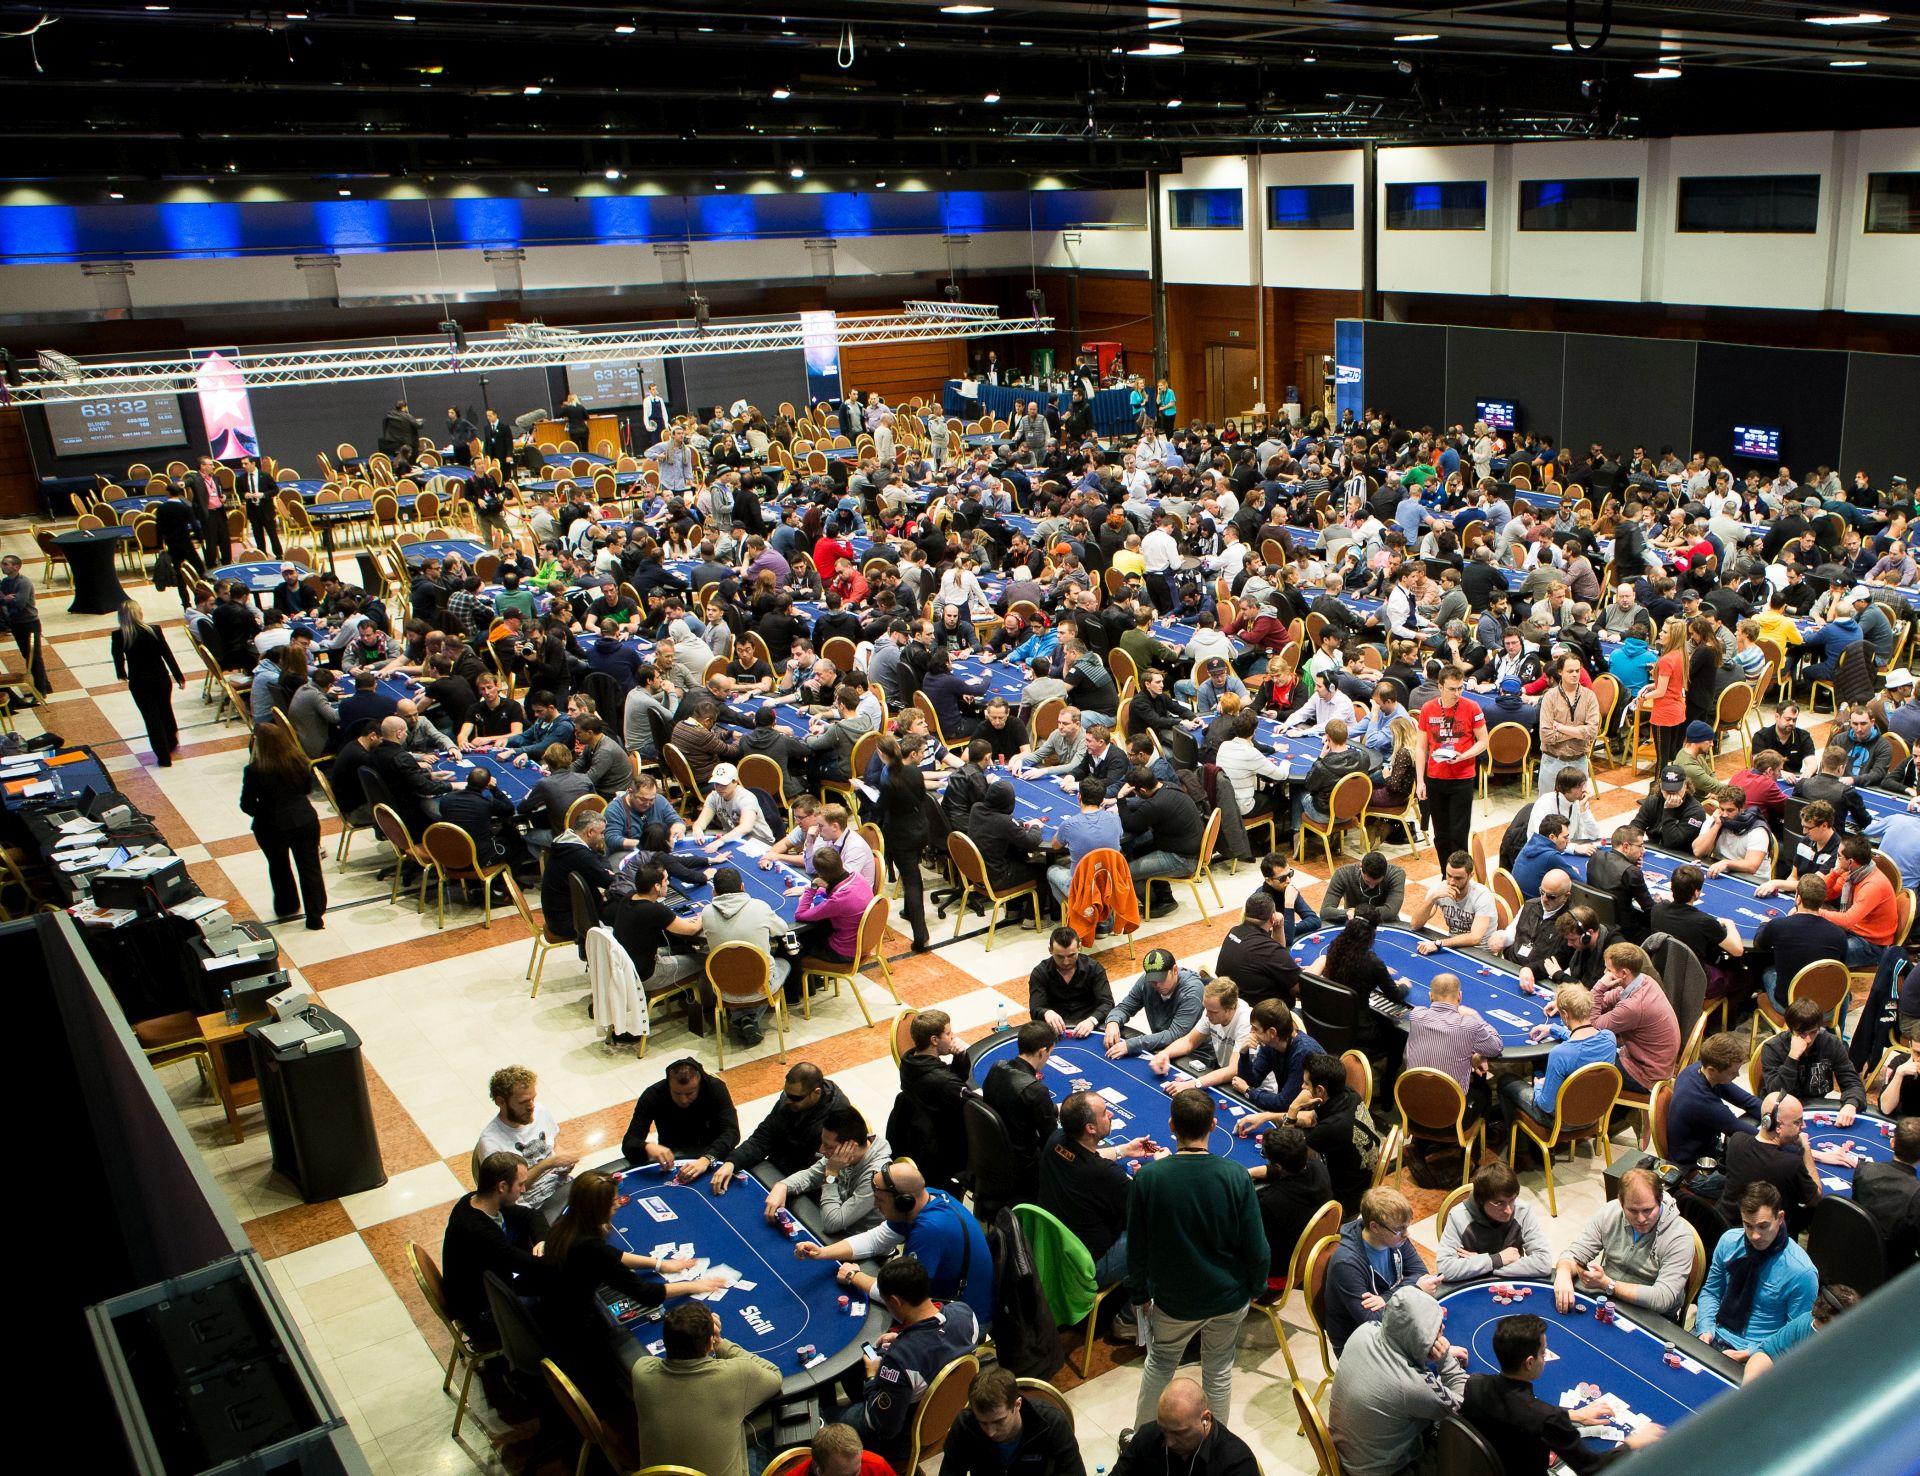 8G2A9669__EPT10PRA_Tournament_Room_Neil-Stoddart